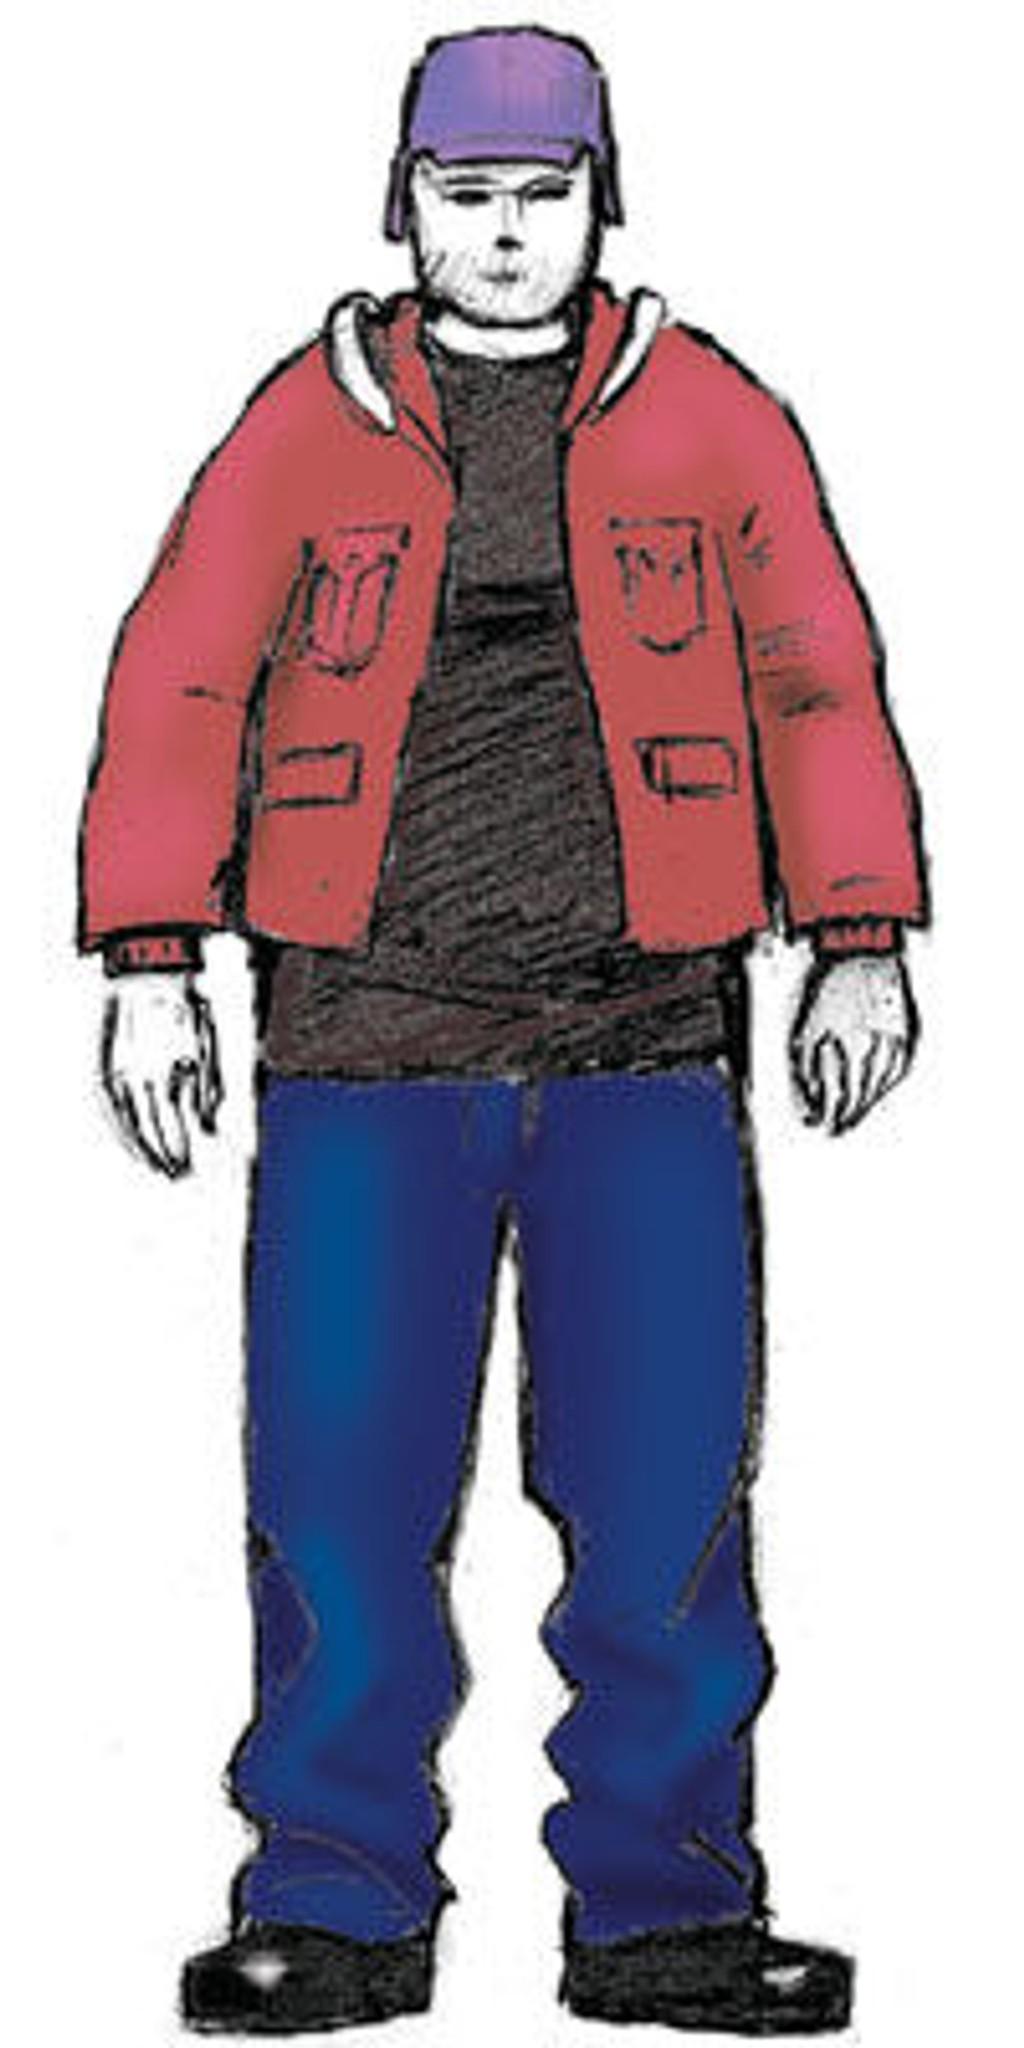 Tegning av mistenkte er laget i samarbeid med fornærmede. Luen til mistenkte er noe lysere enn på tegningen og skoene på tegningen er mye grovere type enn slik fornærmede har beskrevet dem.